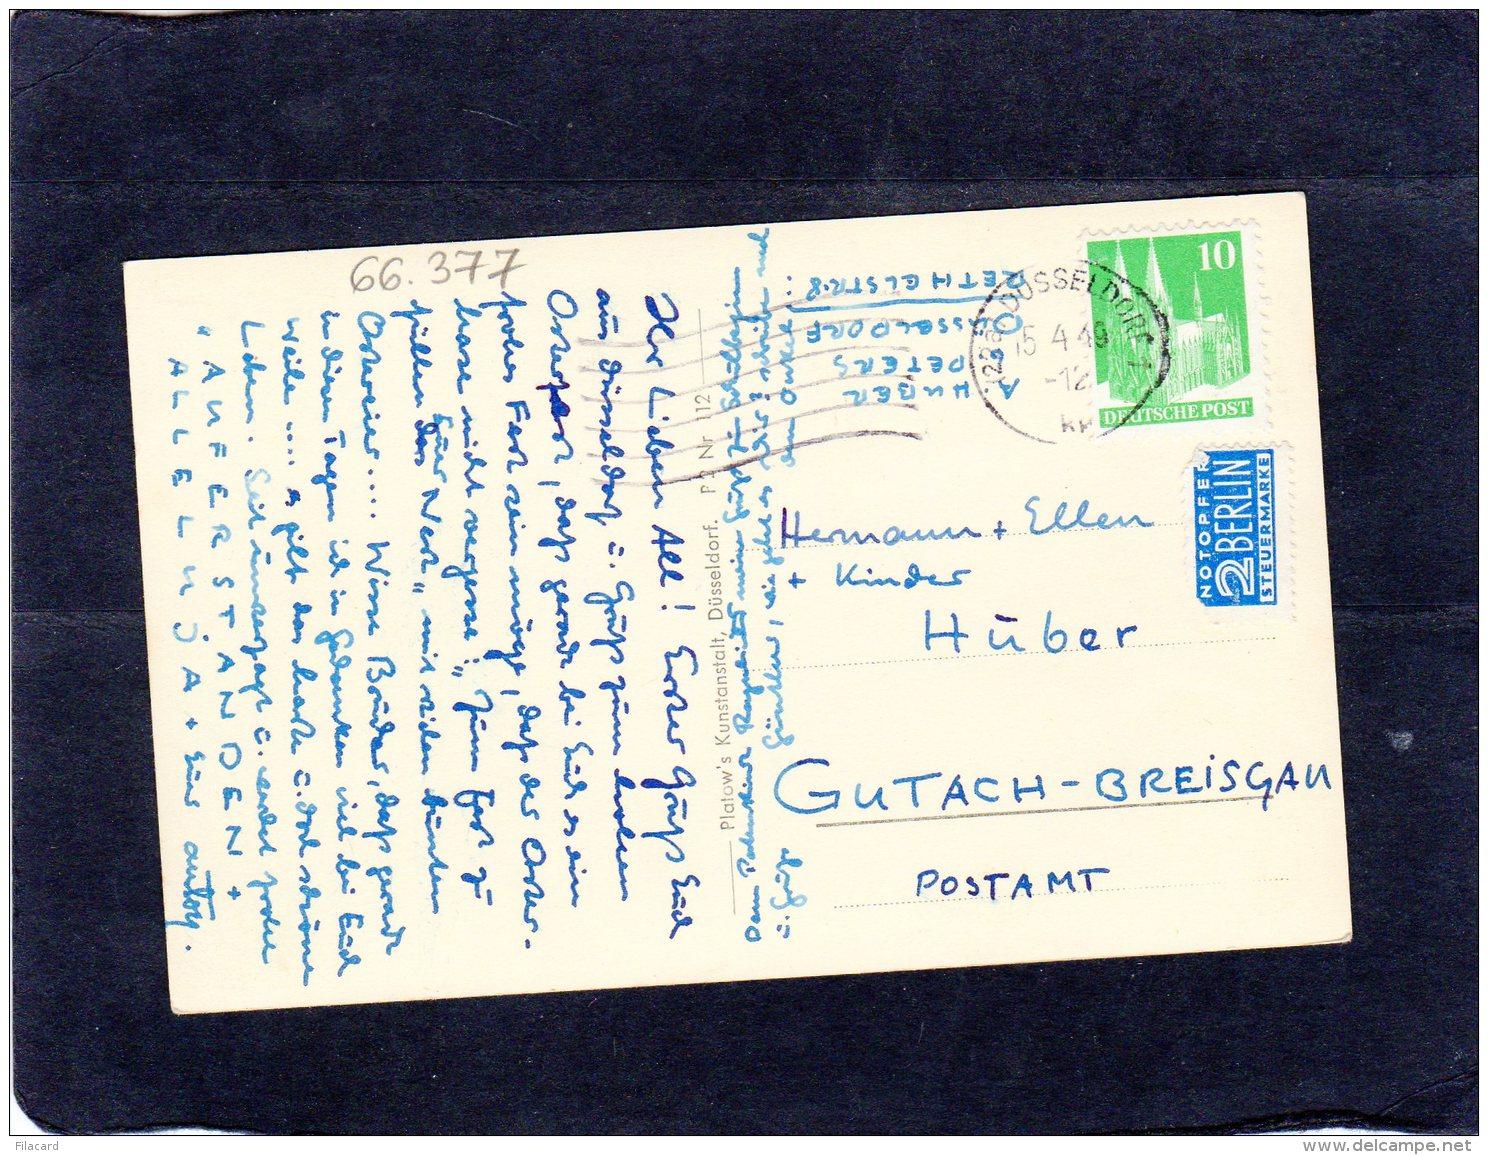 66377    Germania,  Dusseldorf,  Rheinschlange,  VG  1949 - Duesseldorf